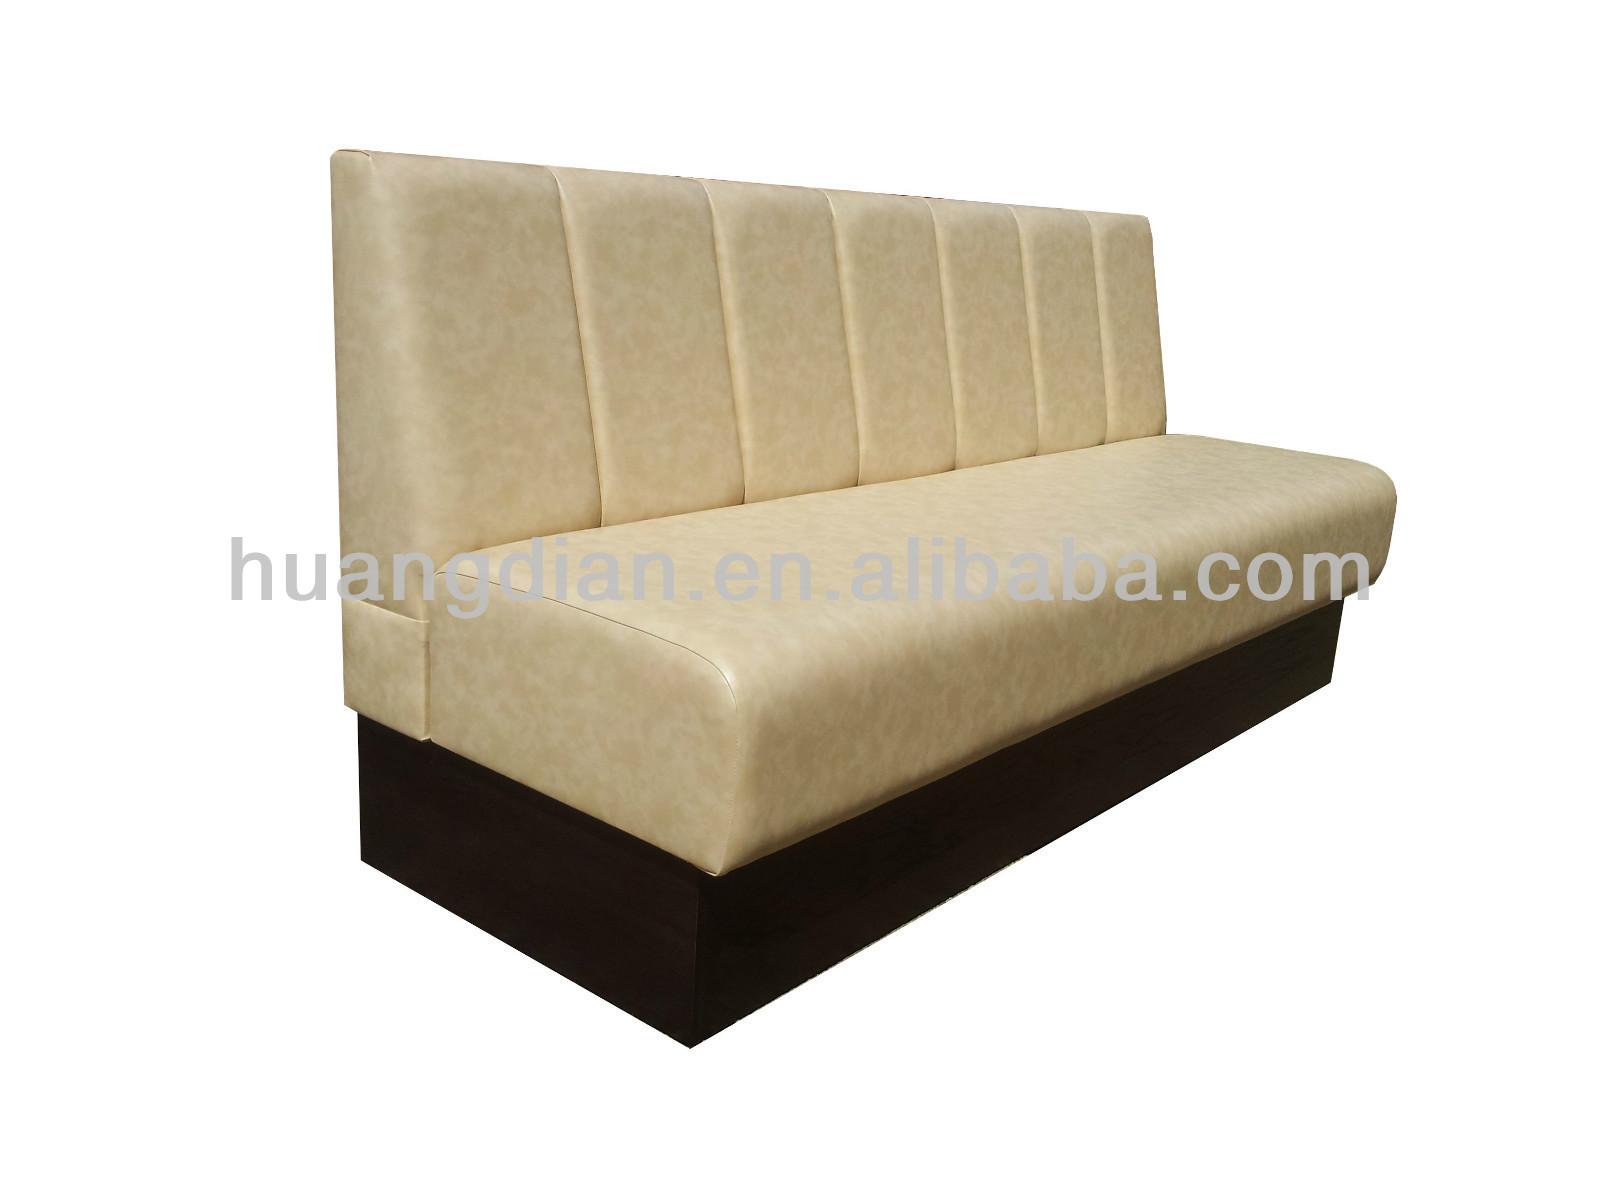 Moderne restaurant meubles de booth fixe sièges canapé en coupe ...